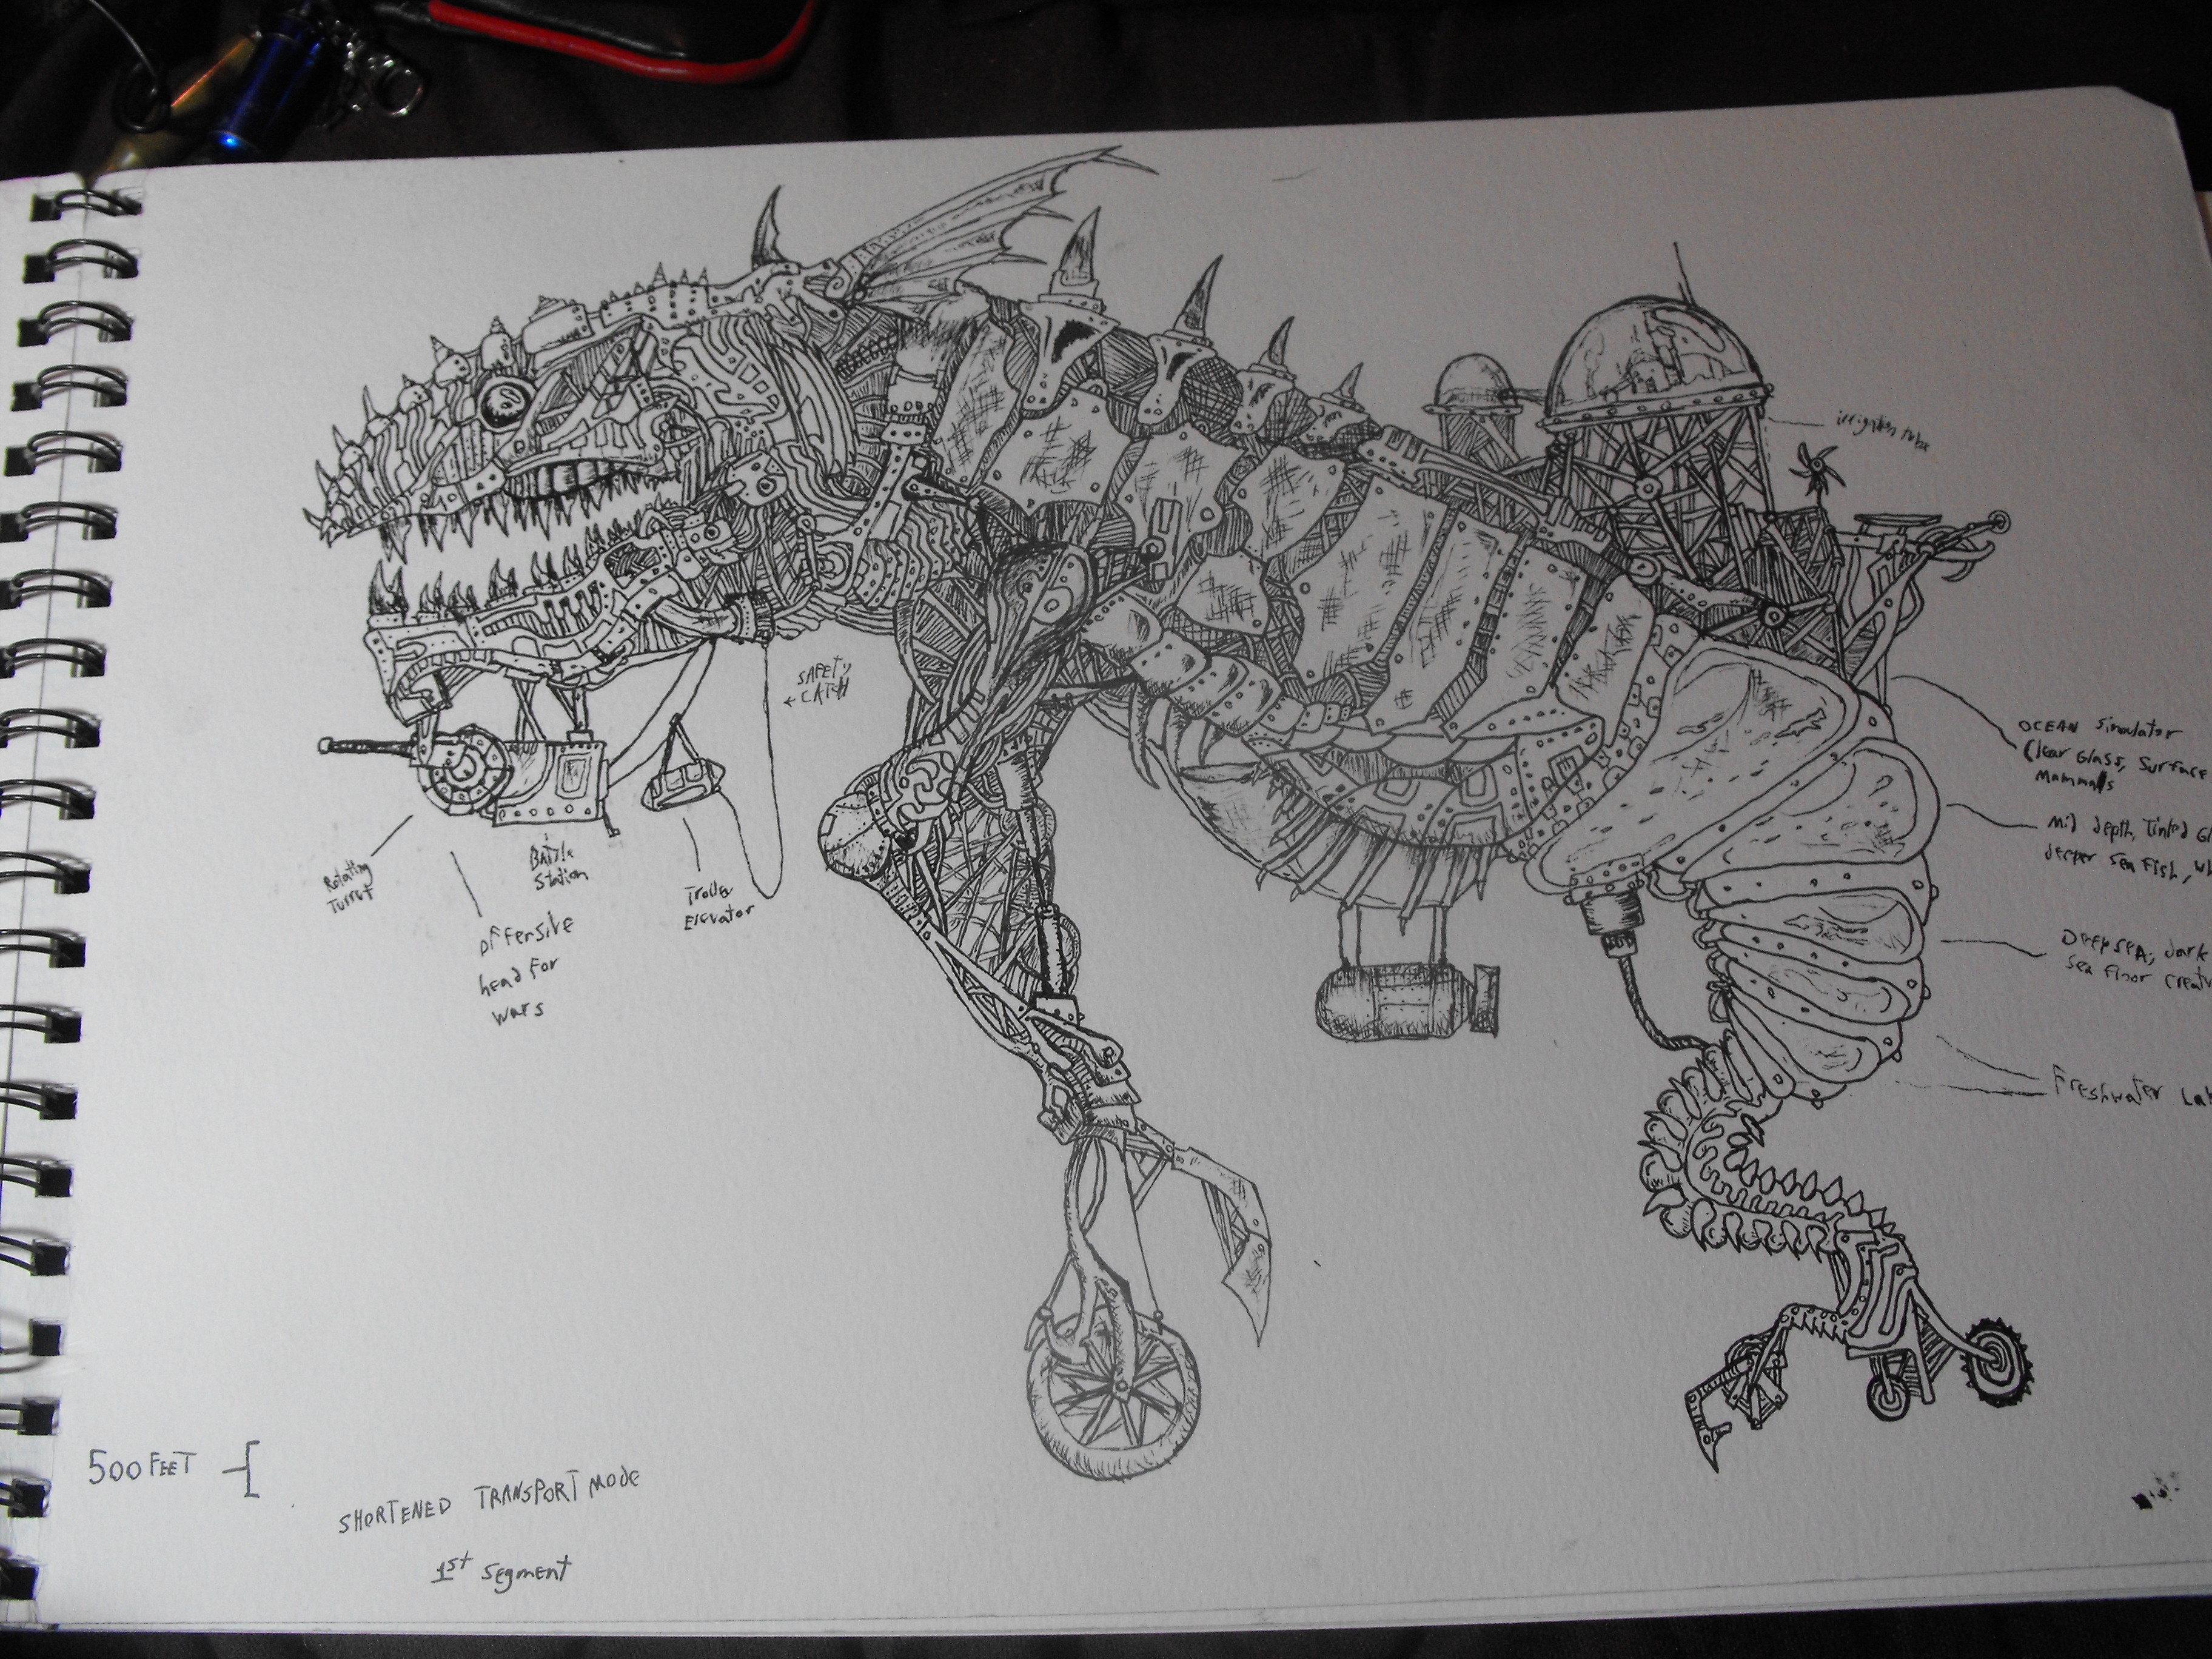 Teenage Drawings Part Ii